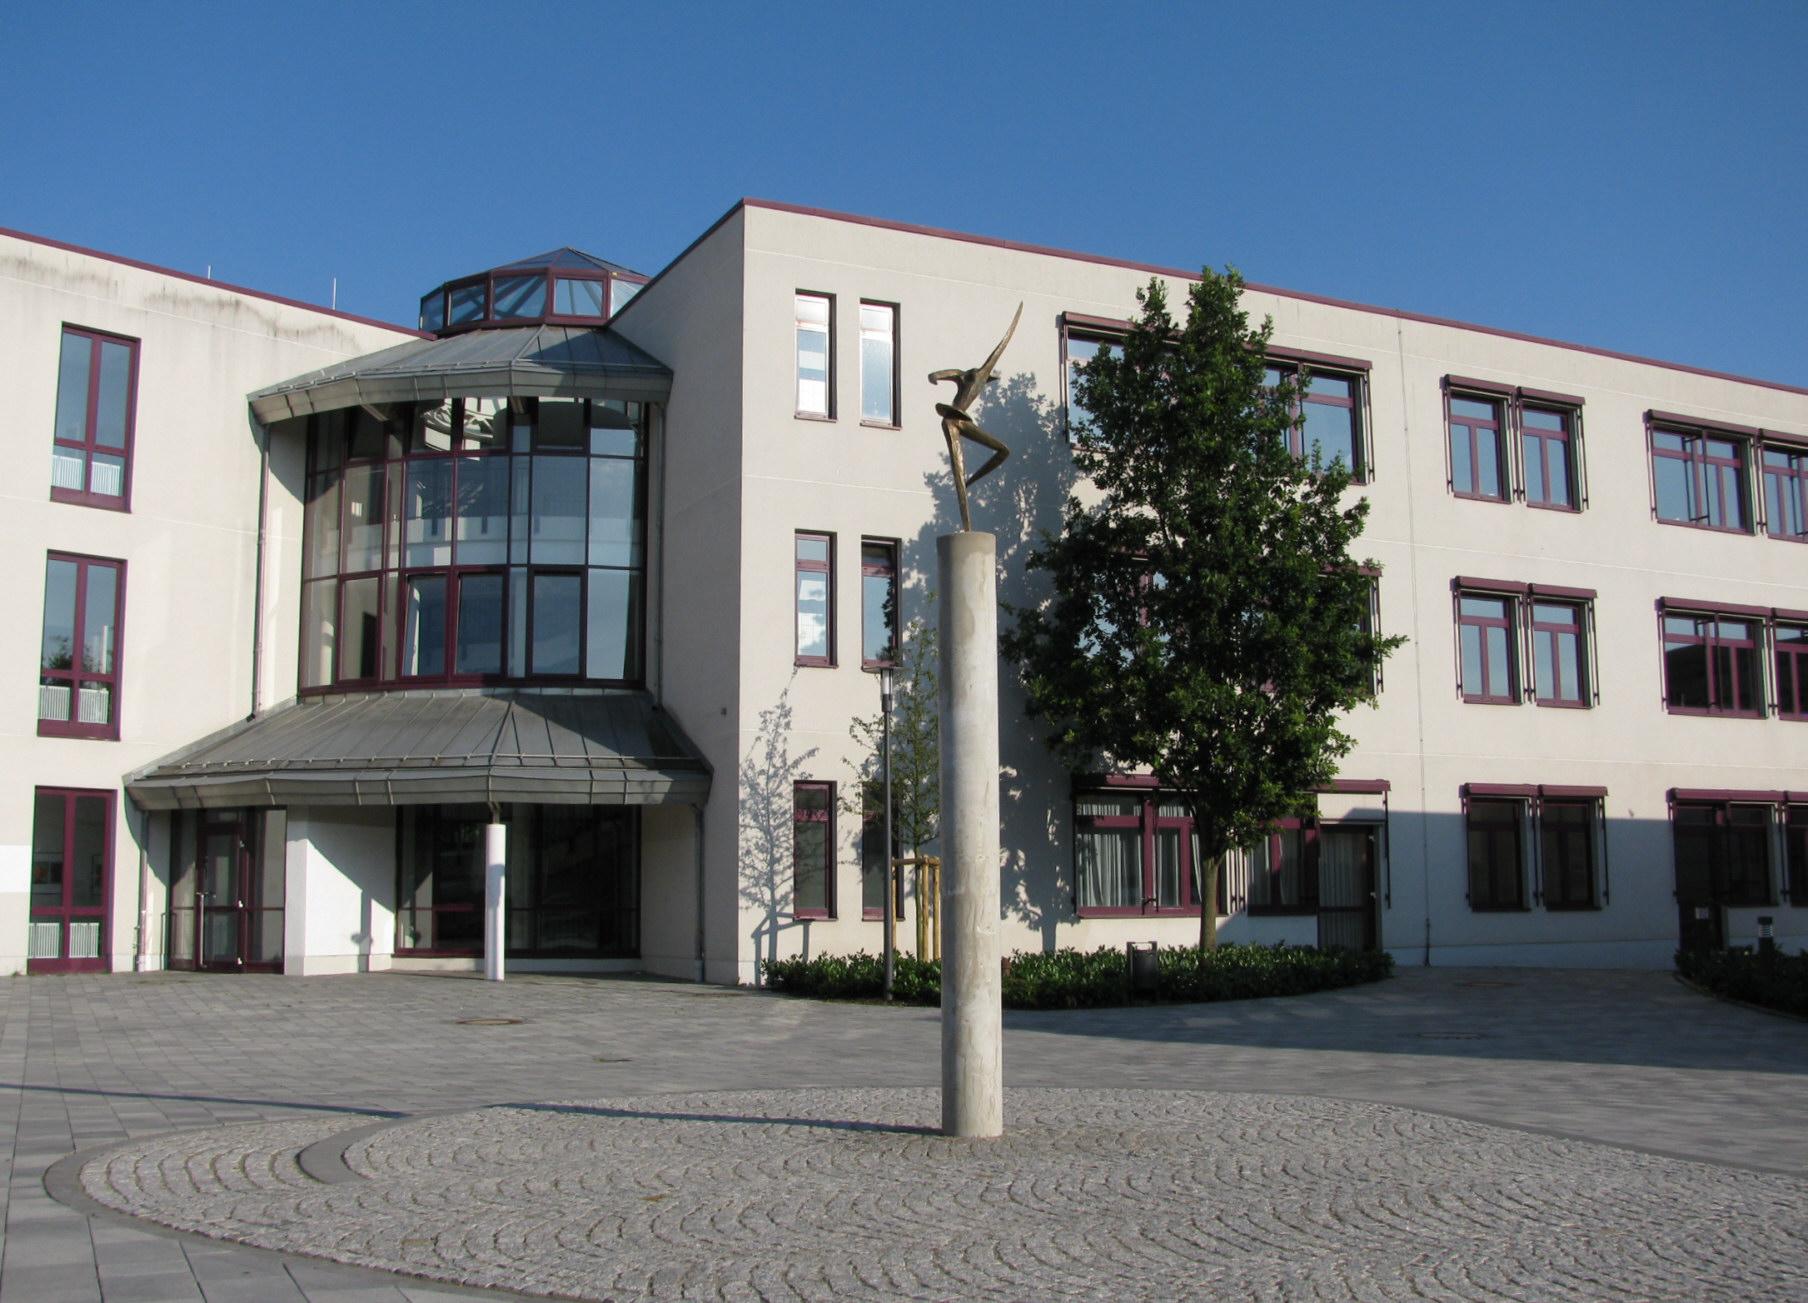 File Llg Giessen Haus D Mit Skulptur Giessen Mitte 2009 2 Jpg